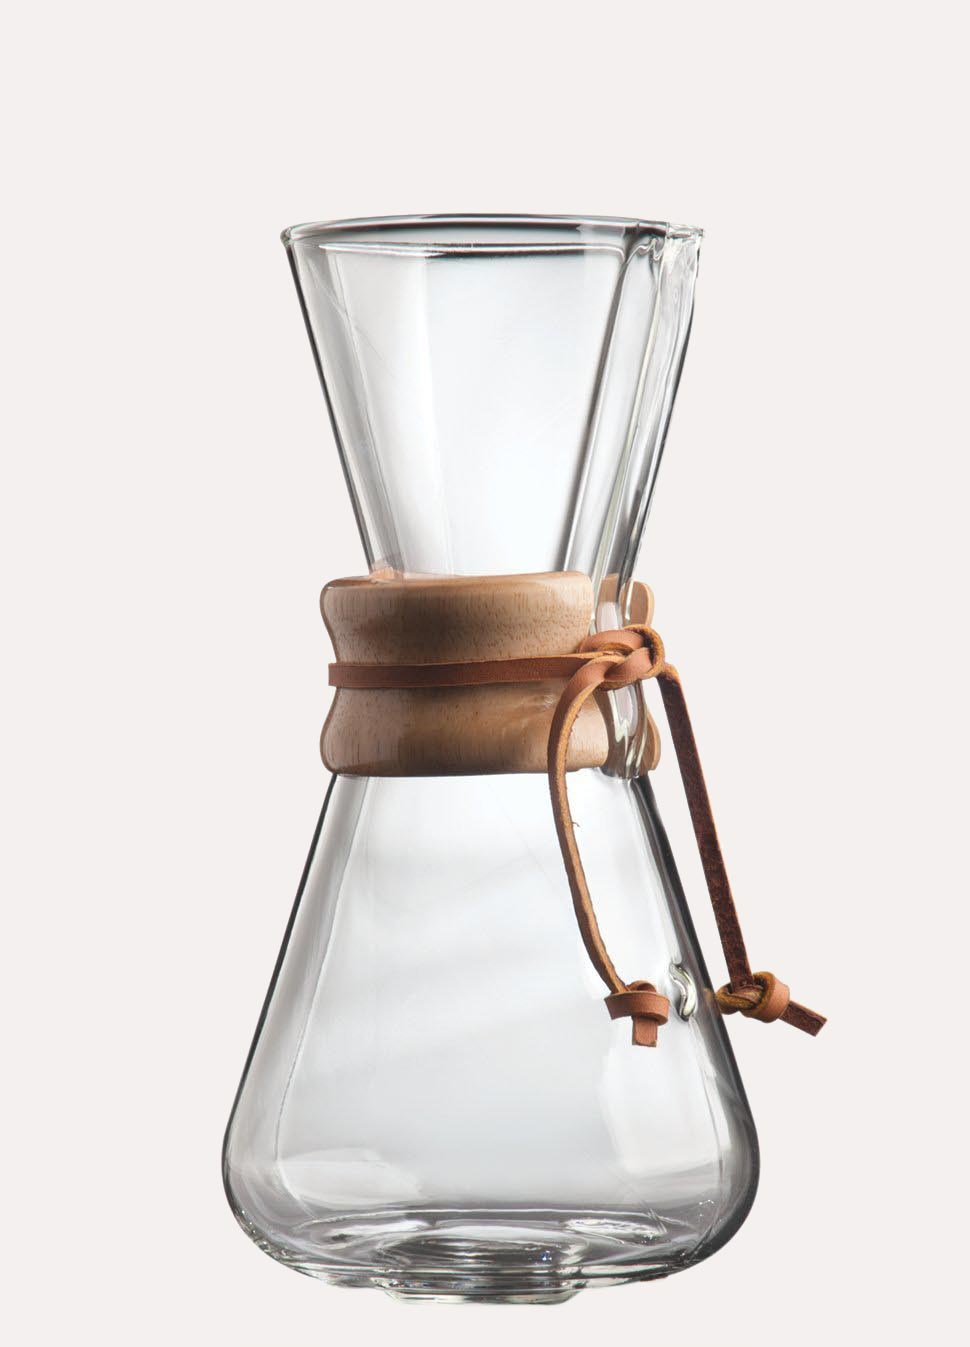 Кемекс на 3 чашки от torrefacto